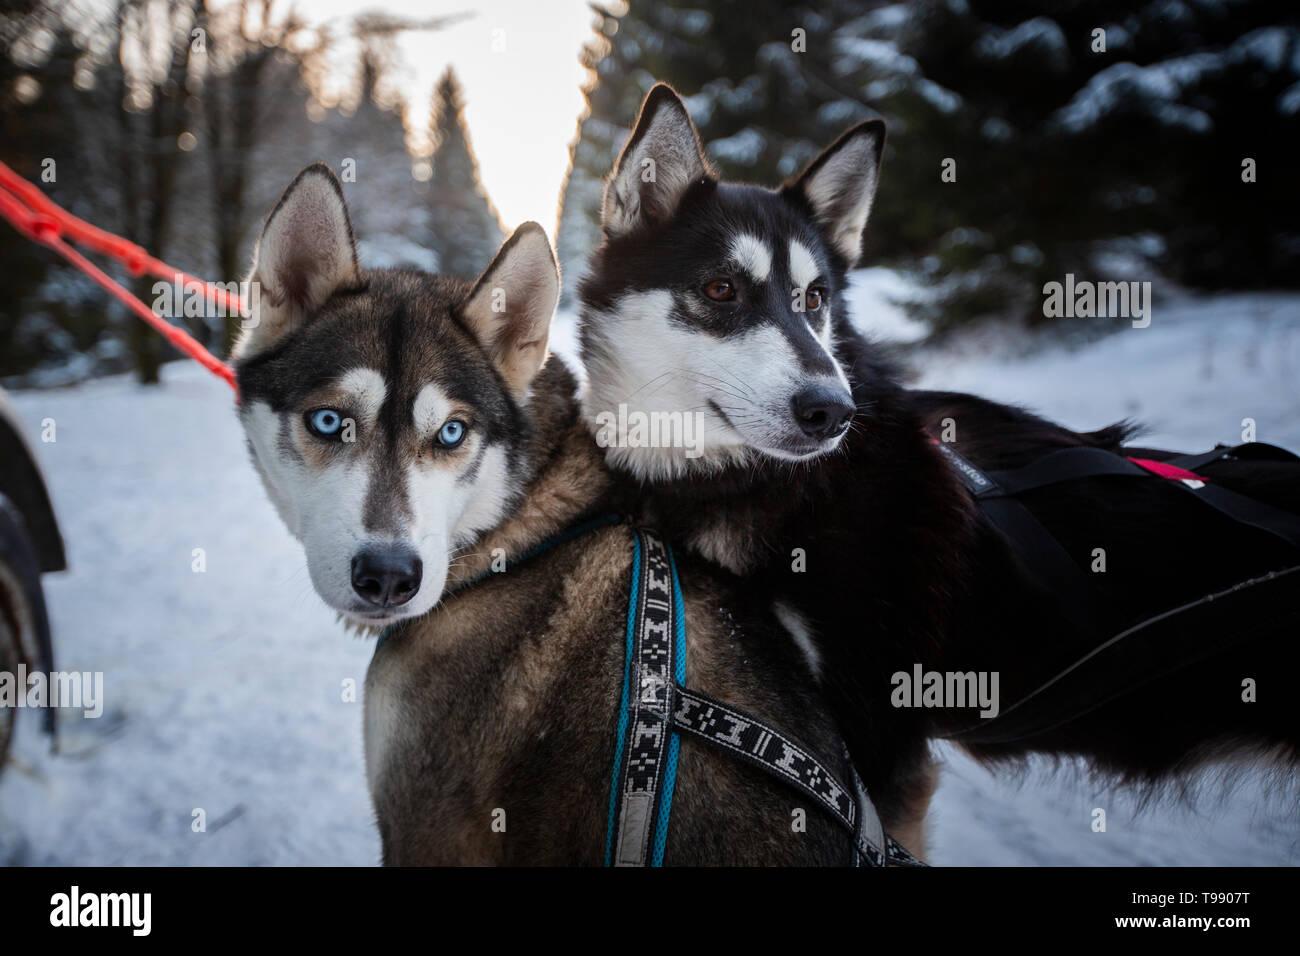 Perros de trineo Husky tour, bosque de Turingia, Alemania Foto de stock